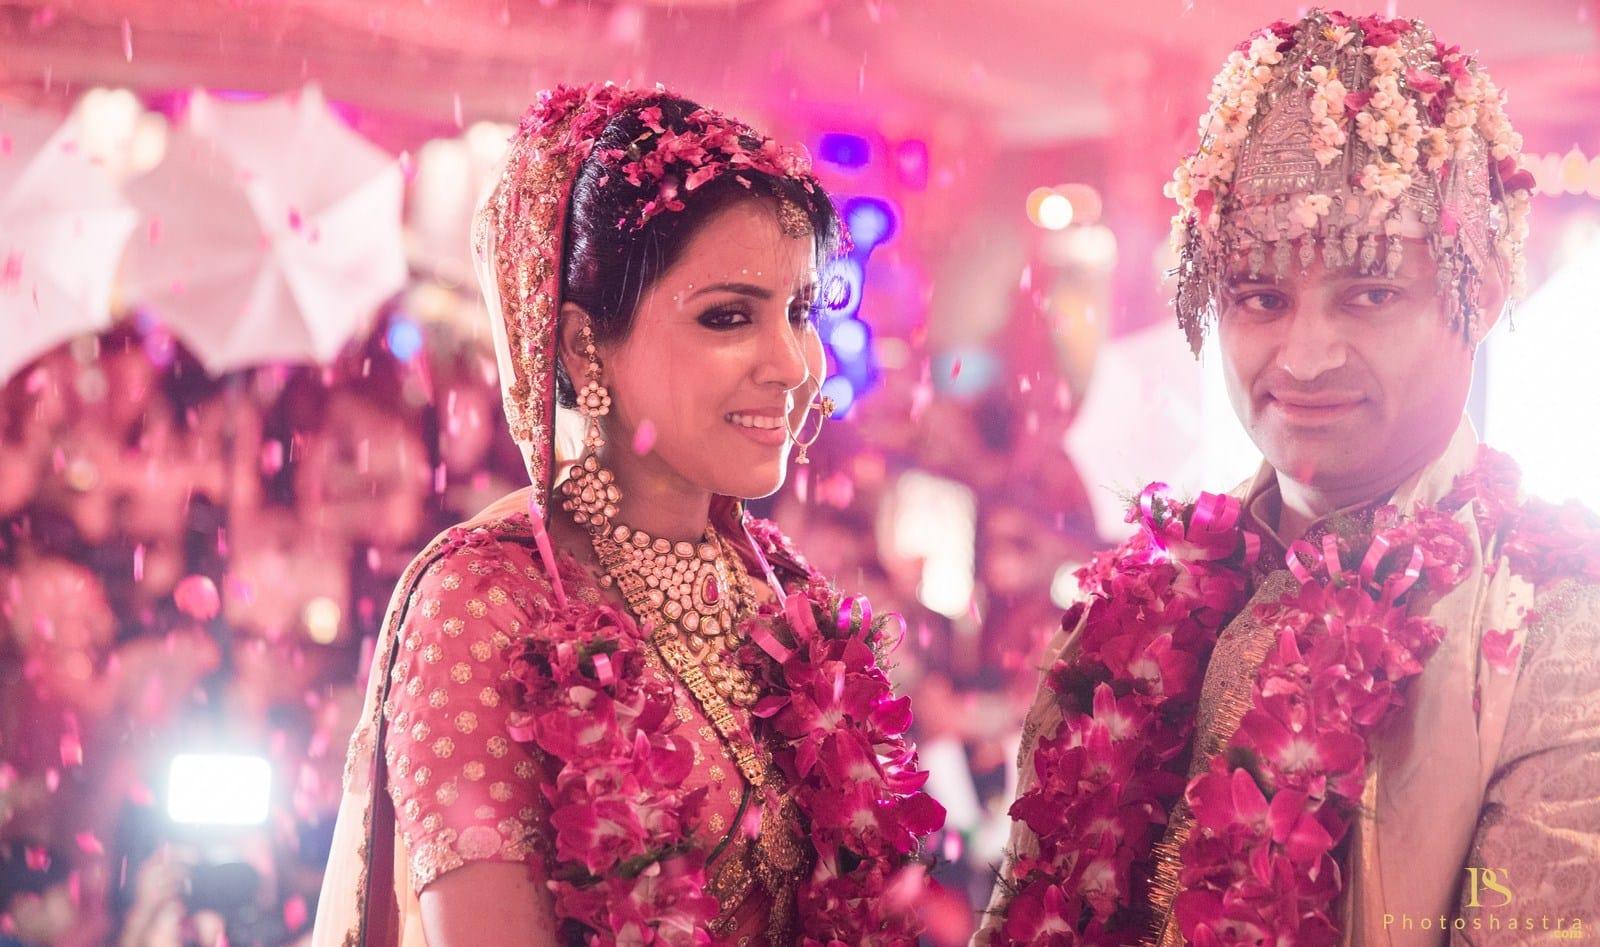 wedding couple click:photoshastra